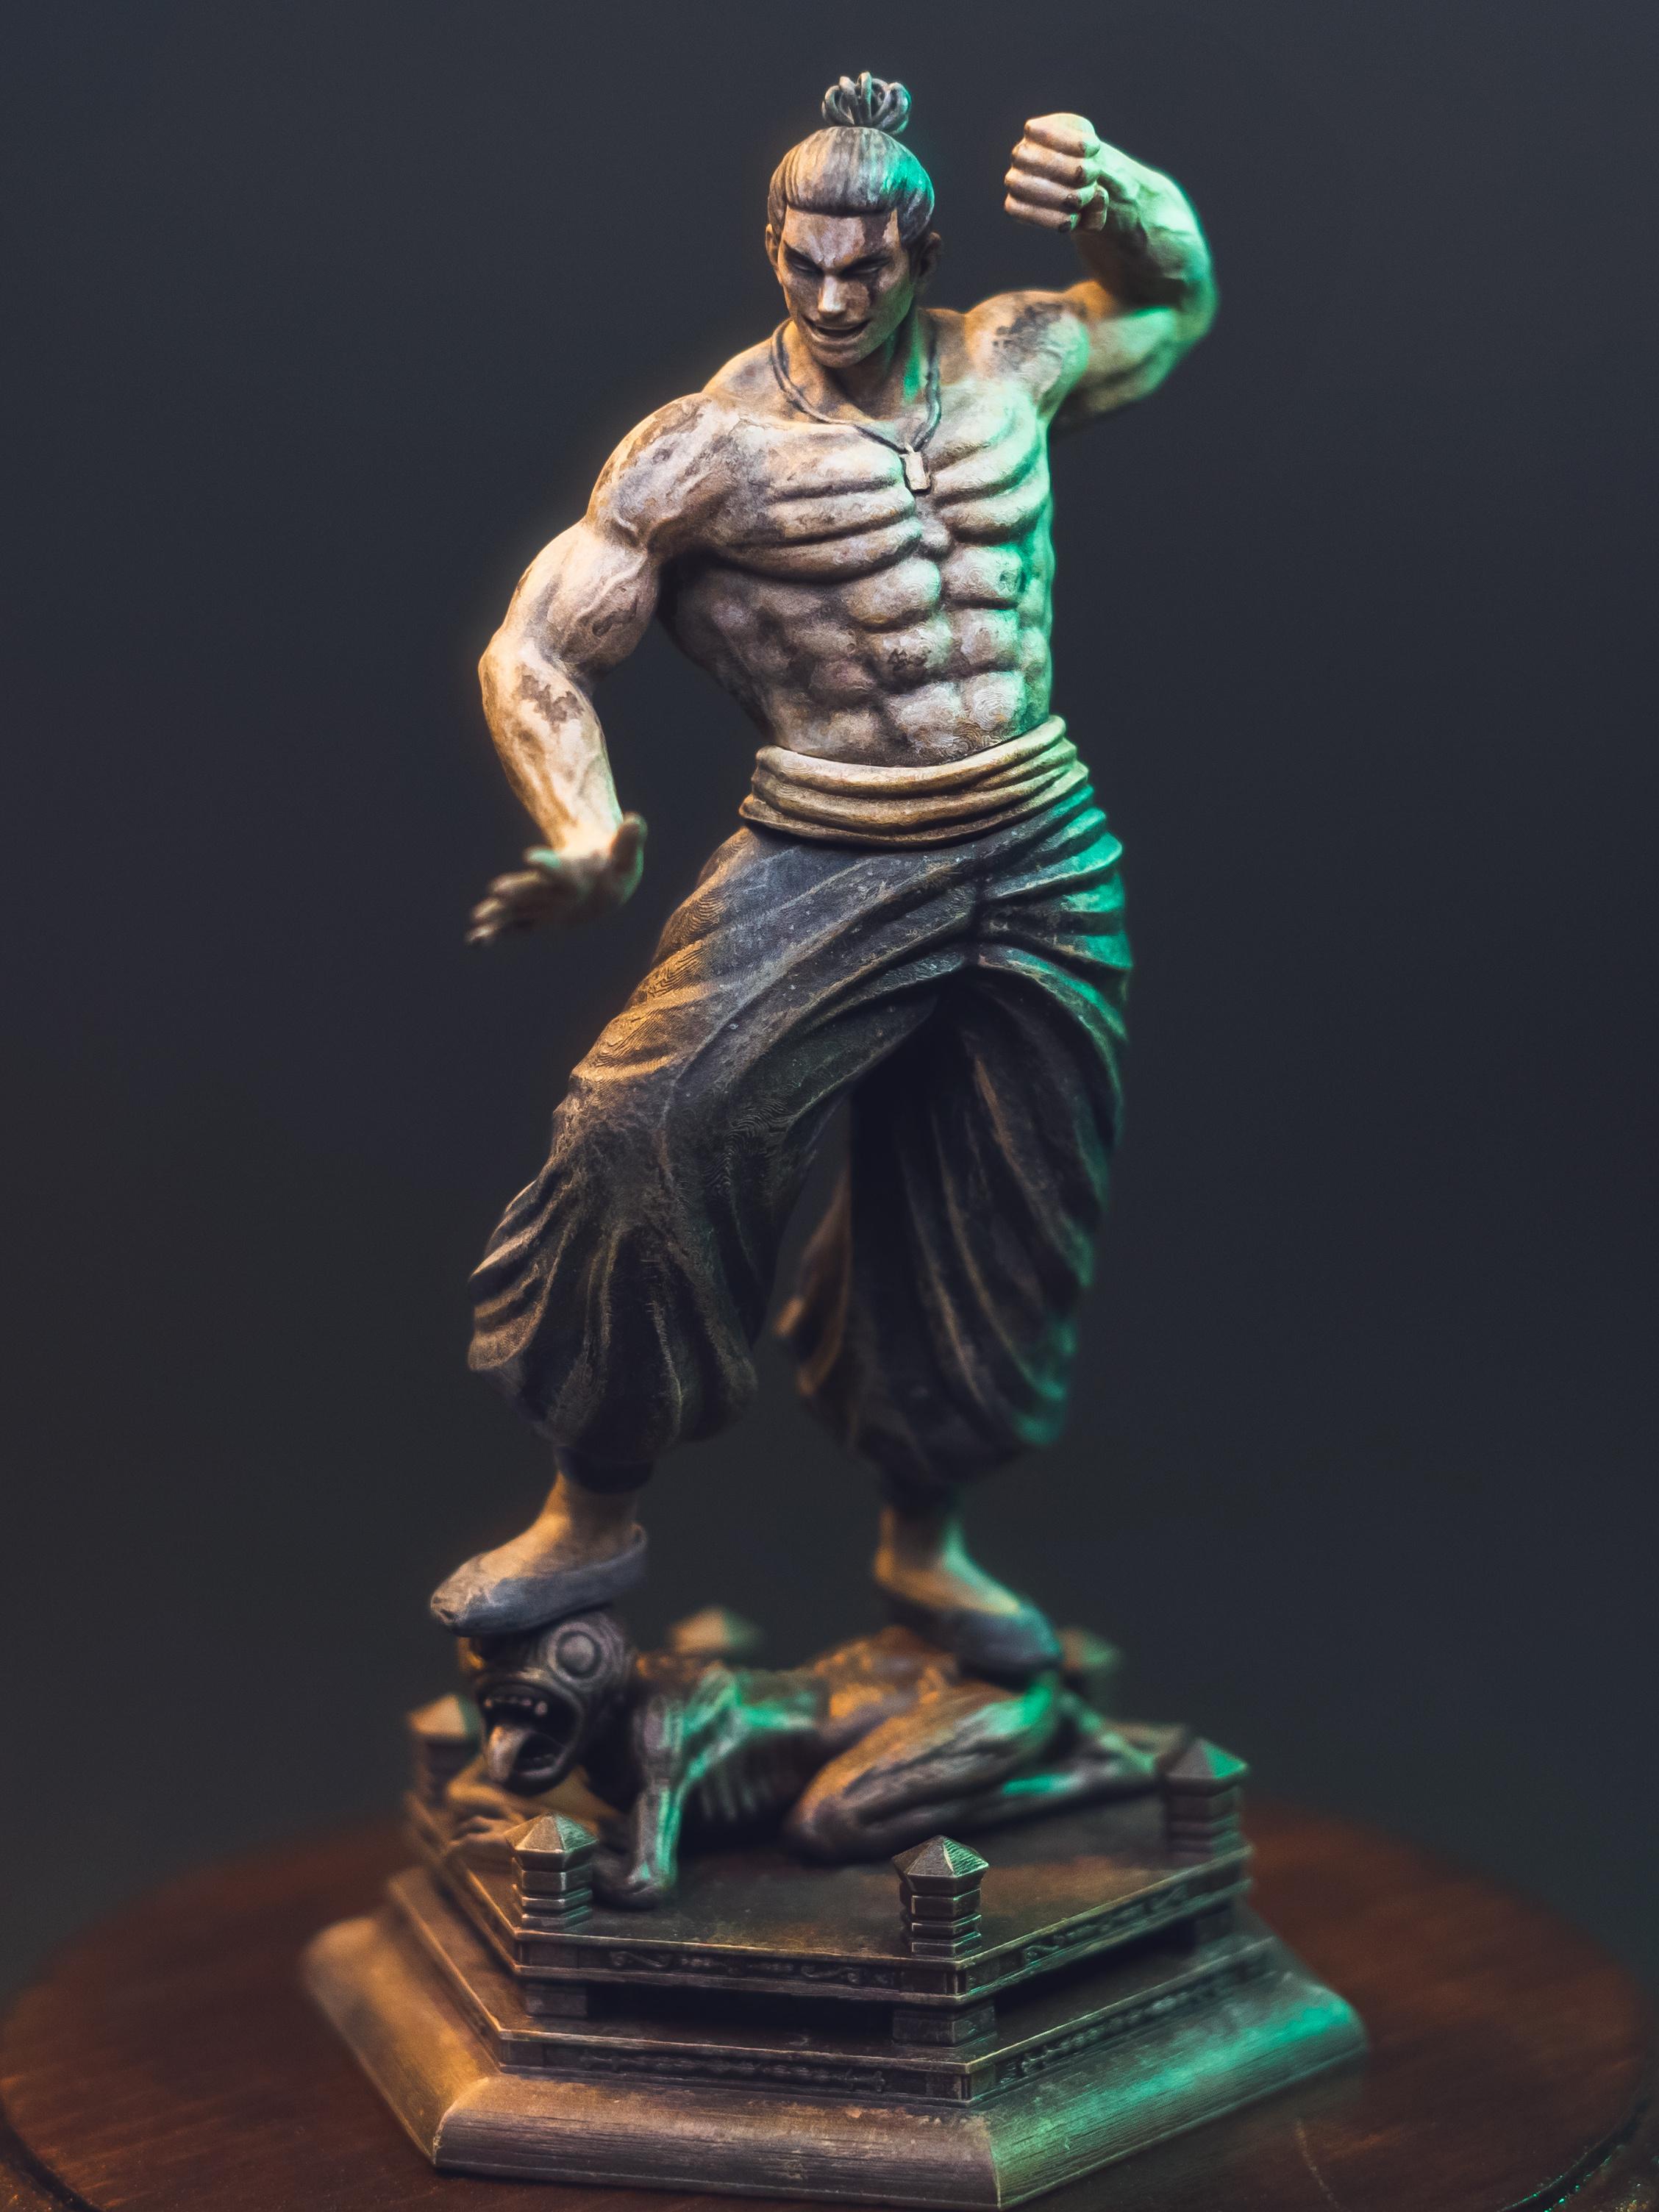 咒术回战 东堂葵 雕像